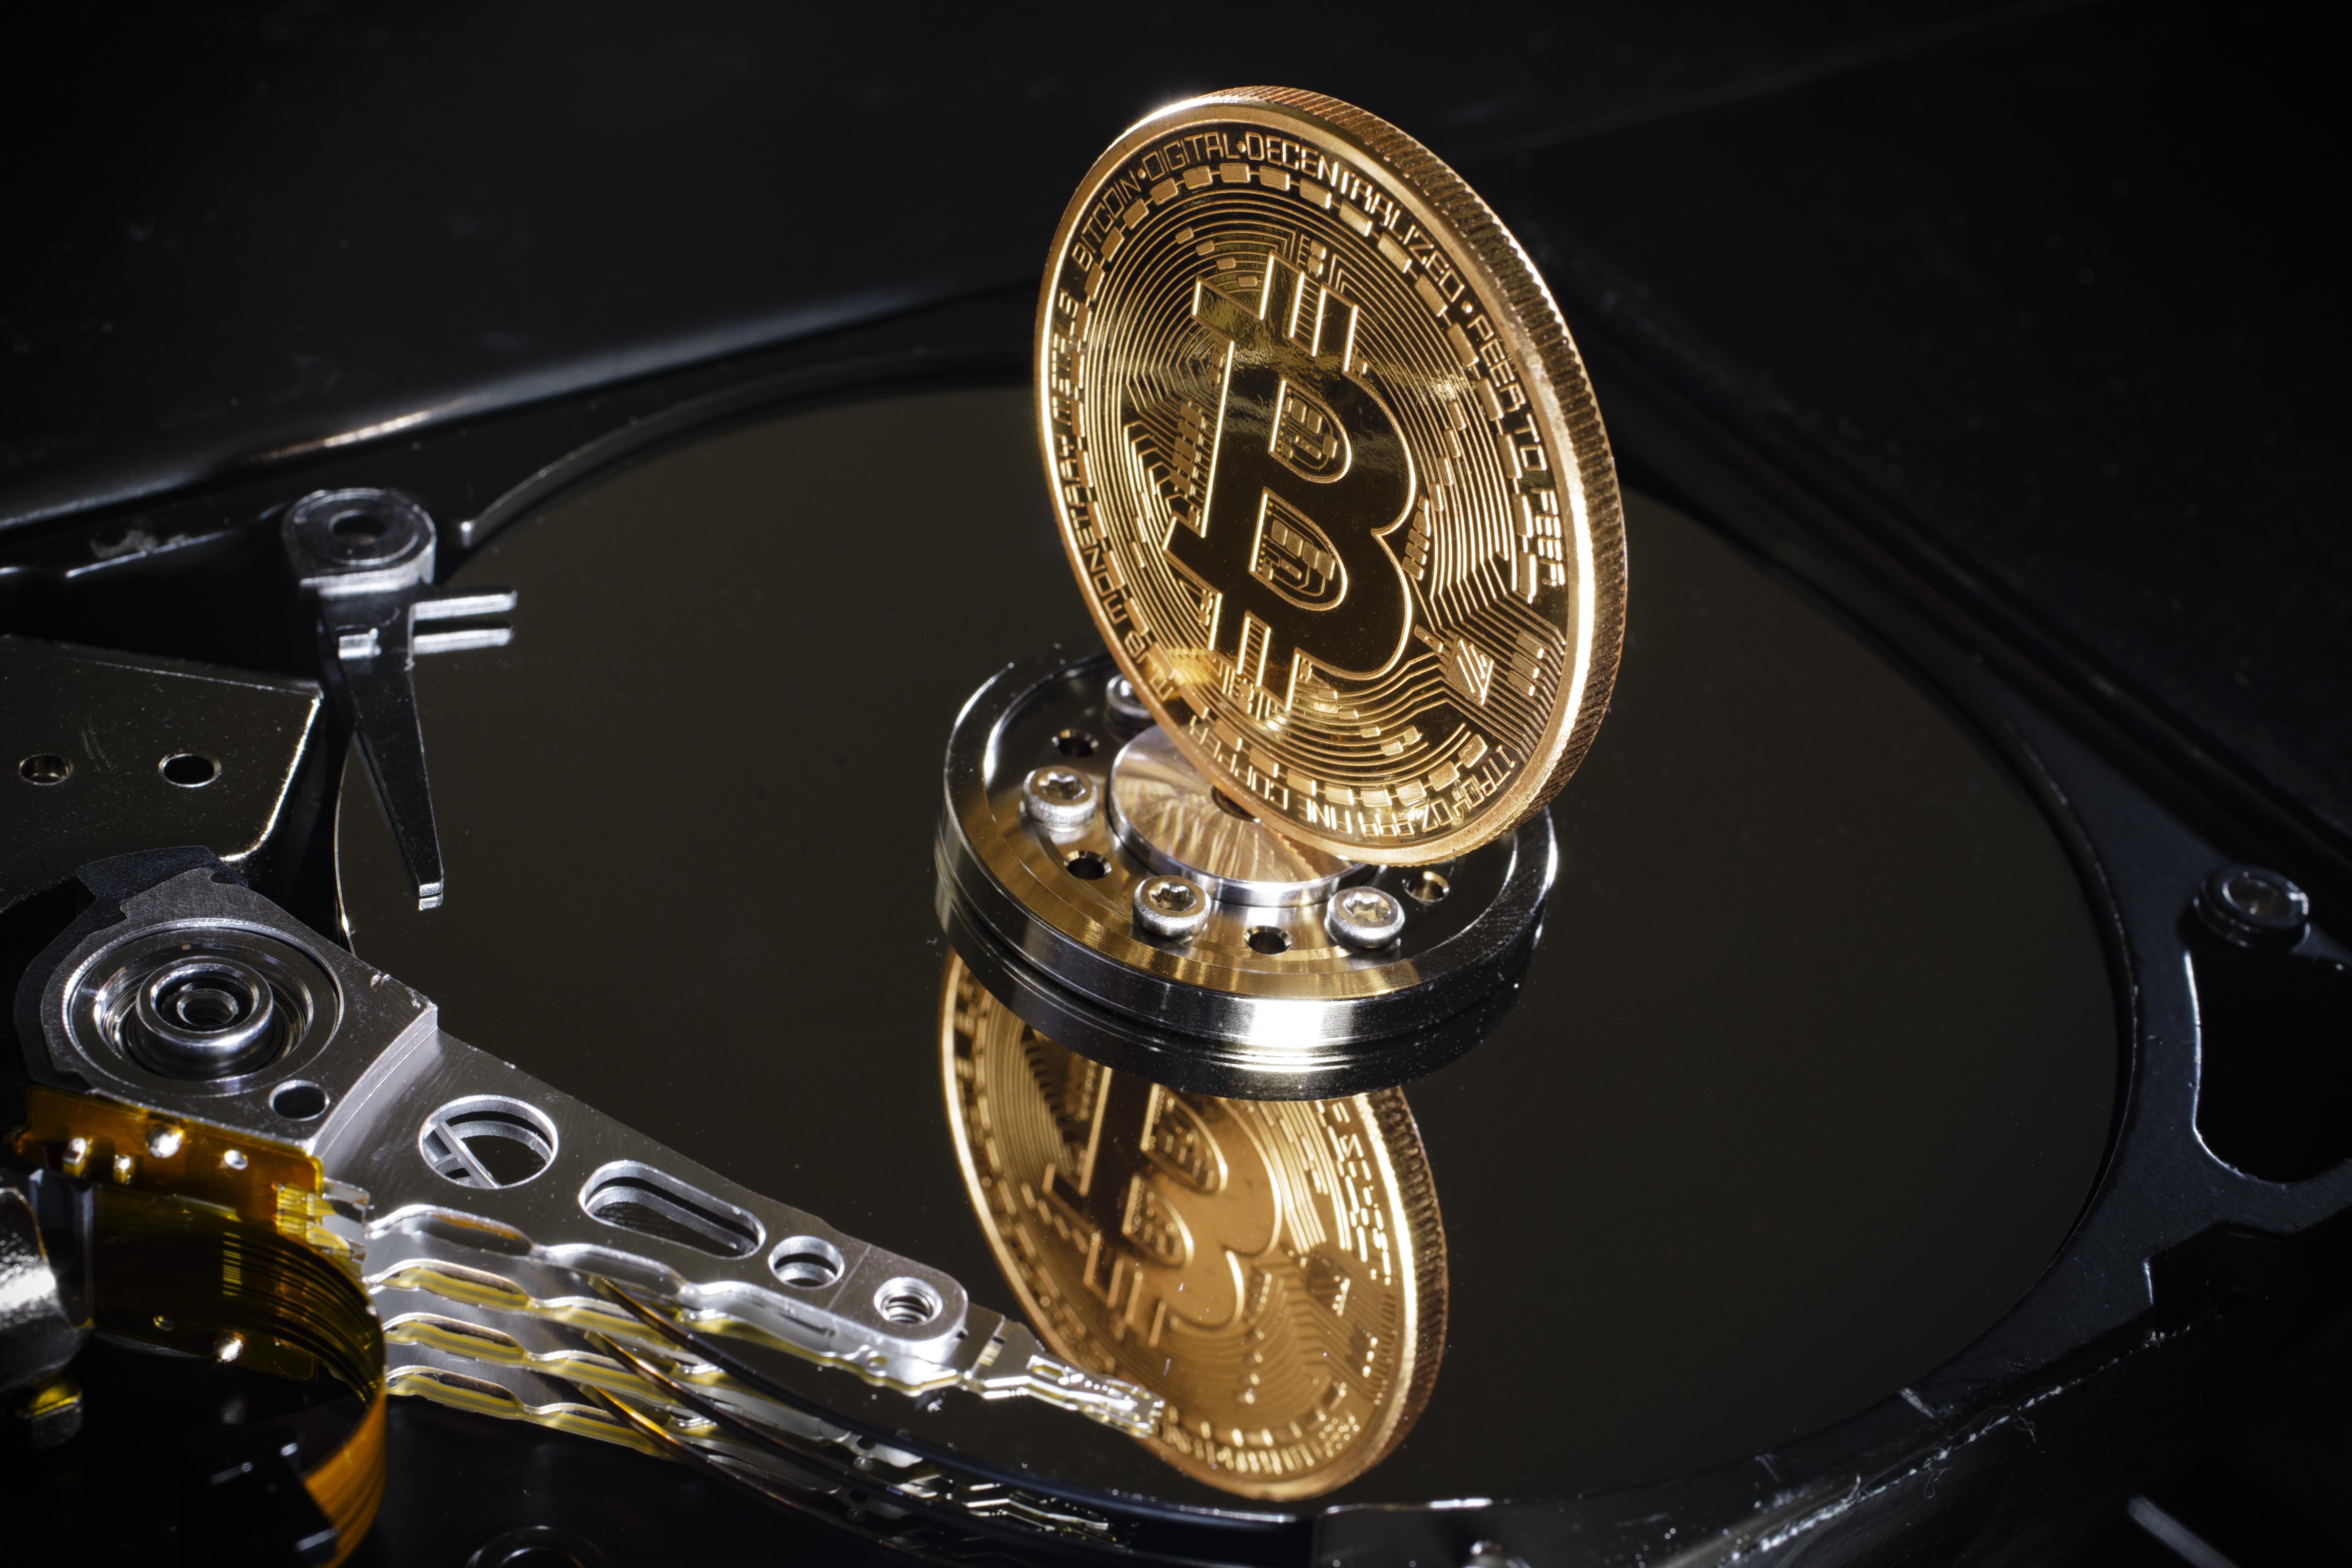 Deutsche Boerse Weighs Offering Bitcoin Futures